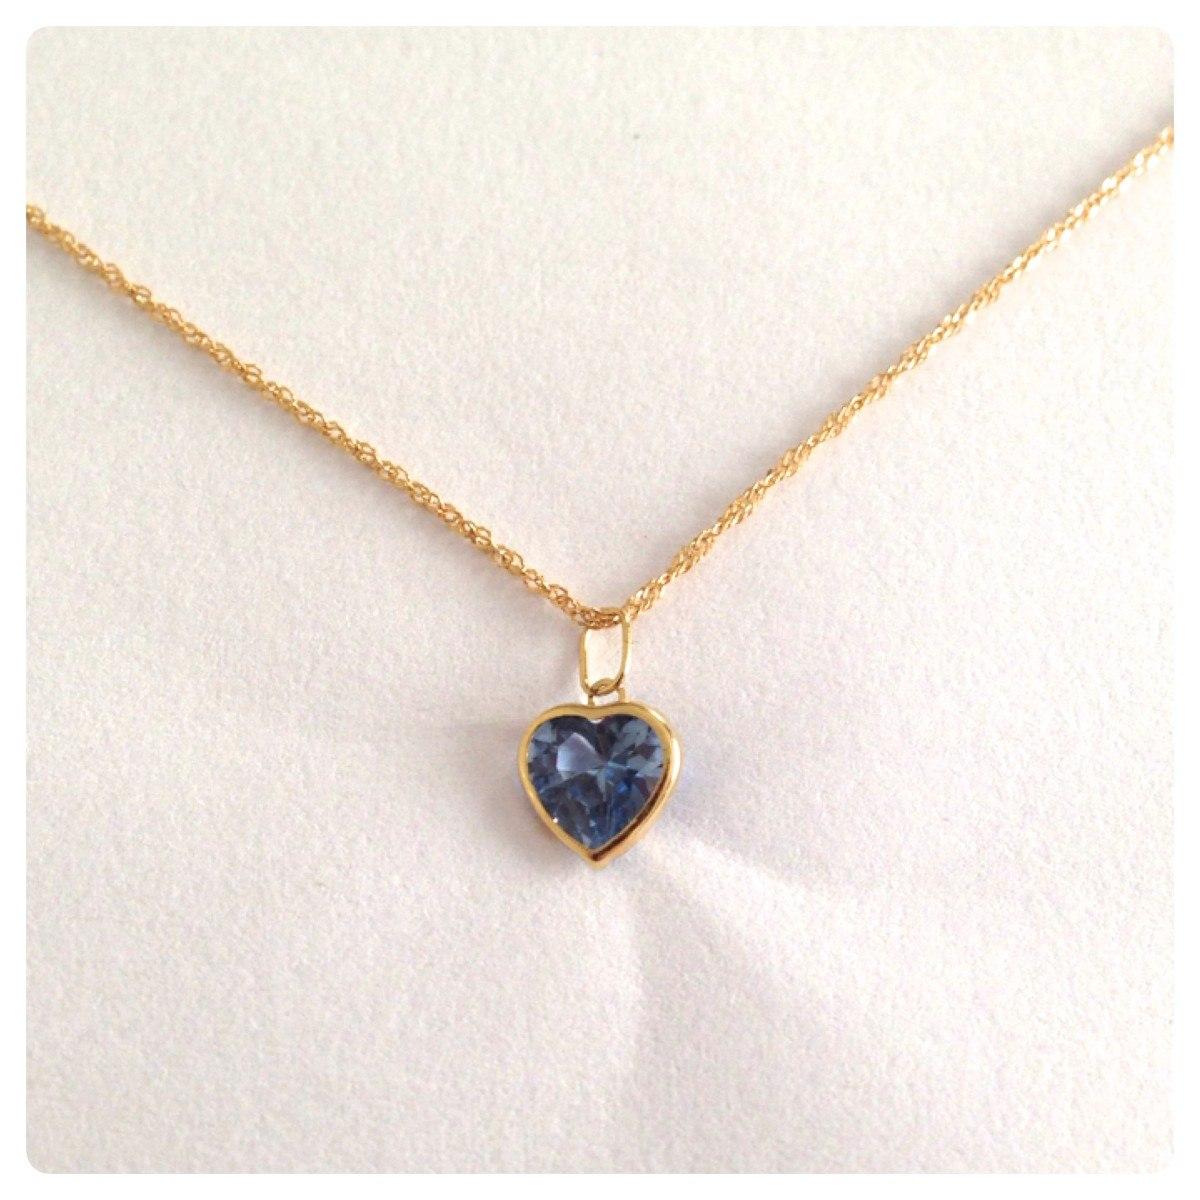 eca768e06be36 corrente singapura cordão de 50cm pingente coração ouro 18k. Carregando  zoom.